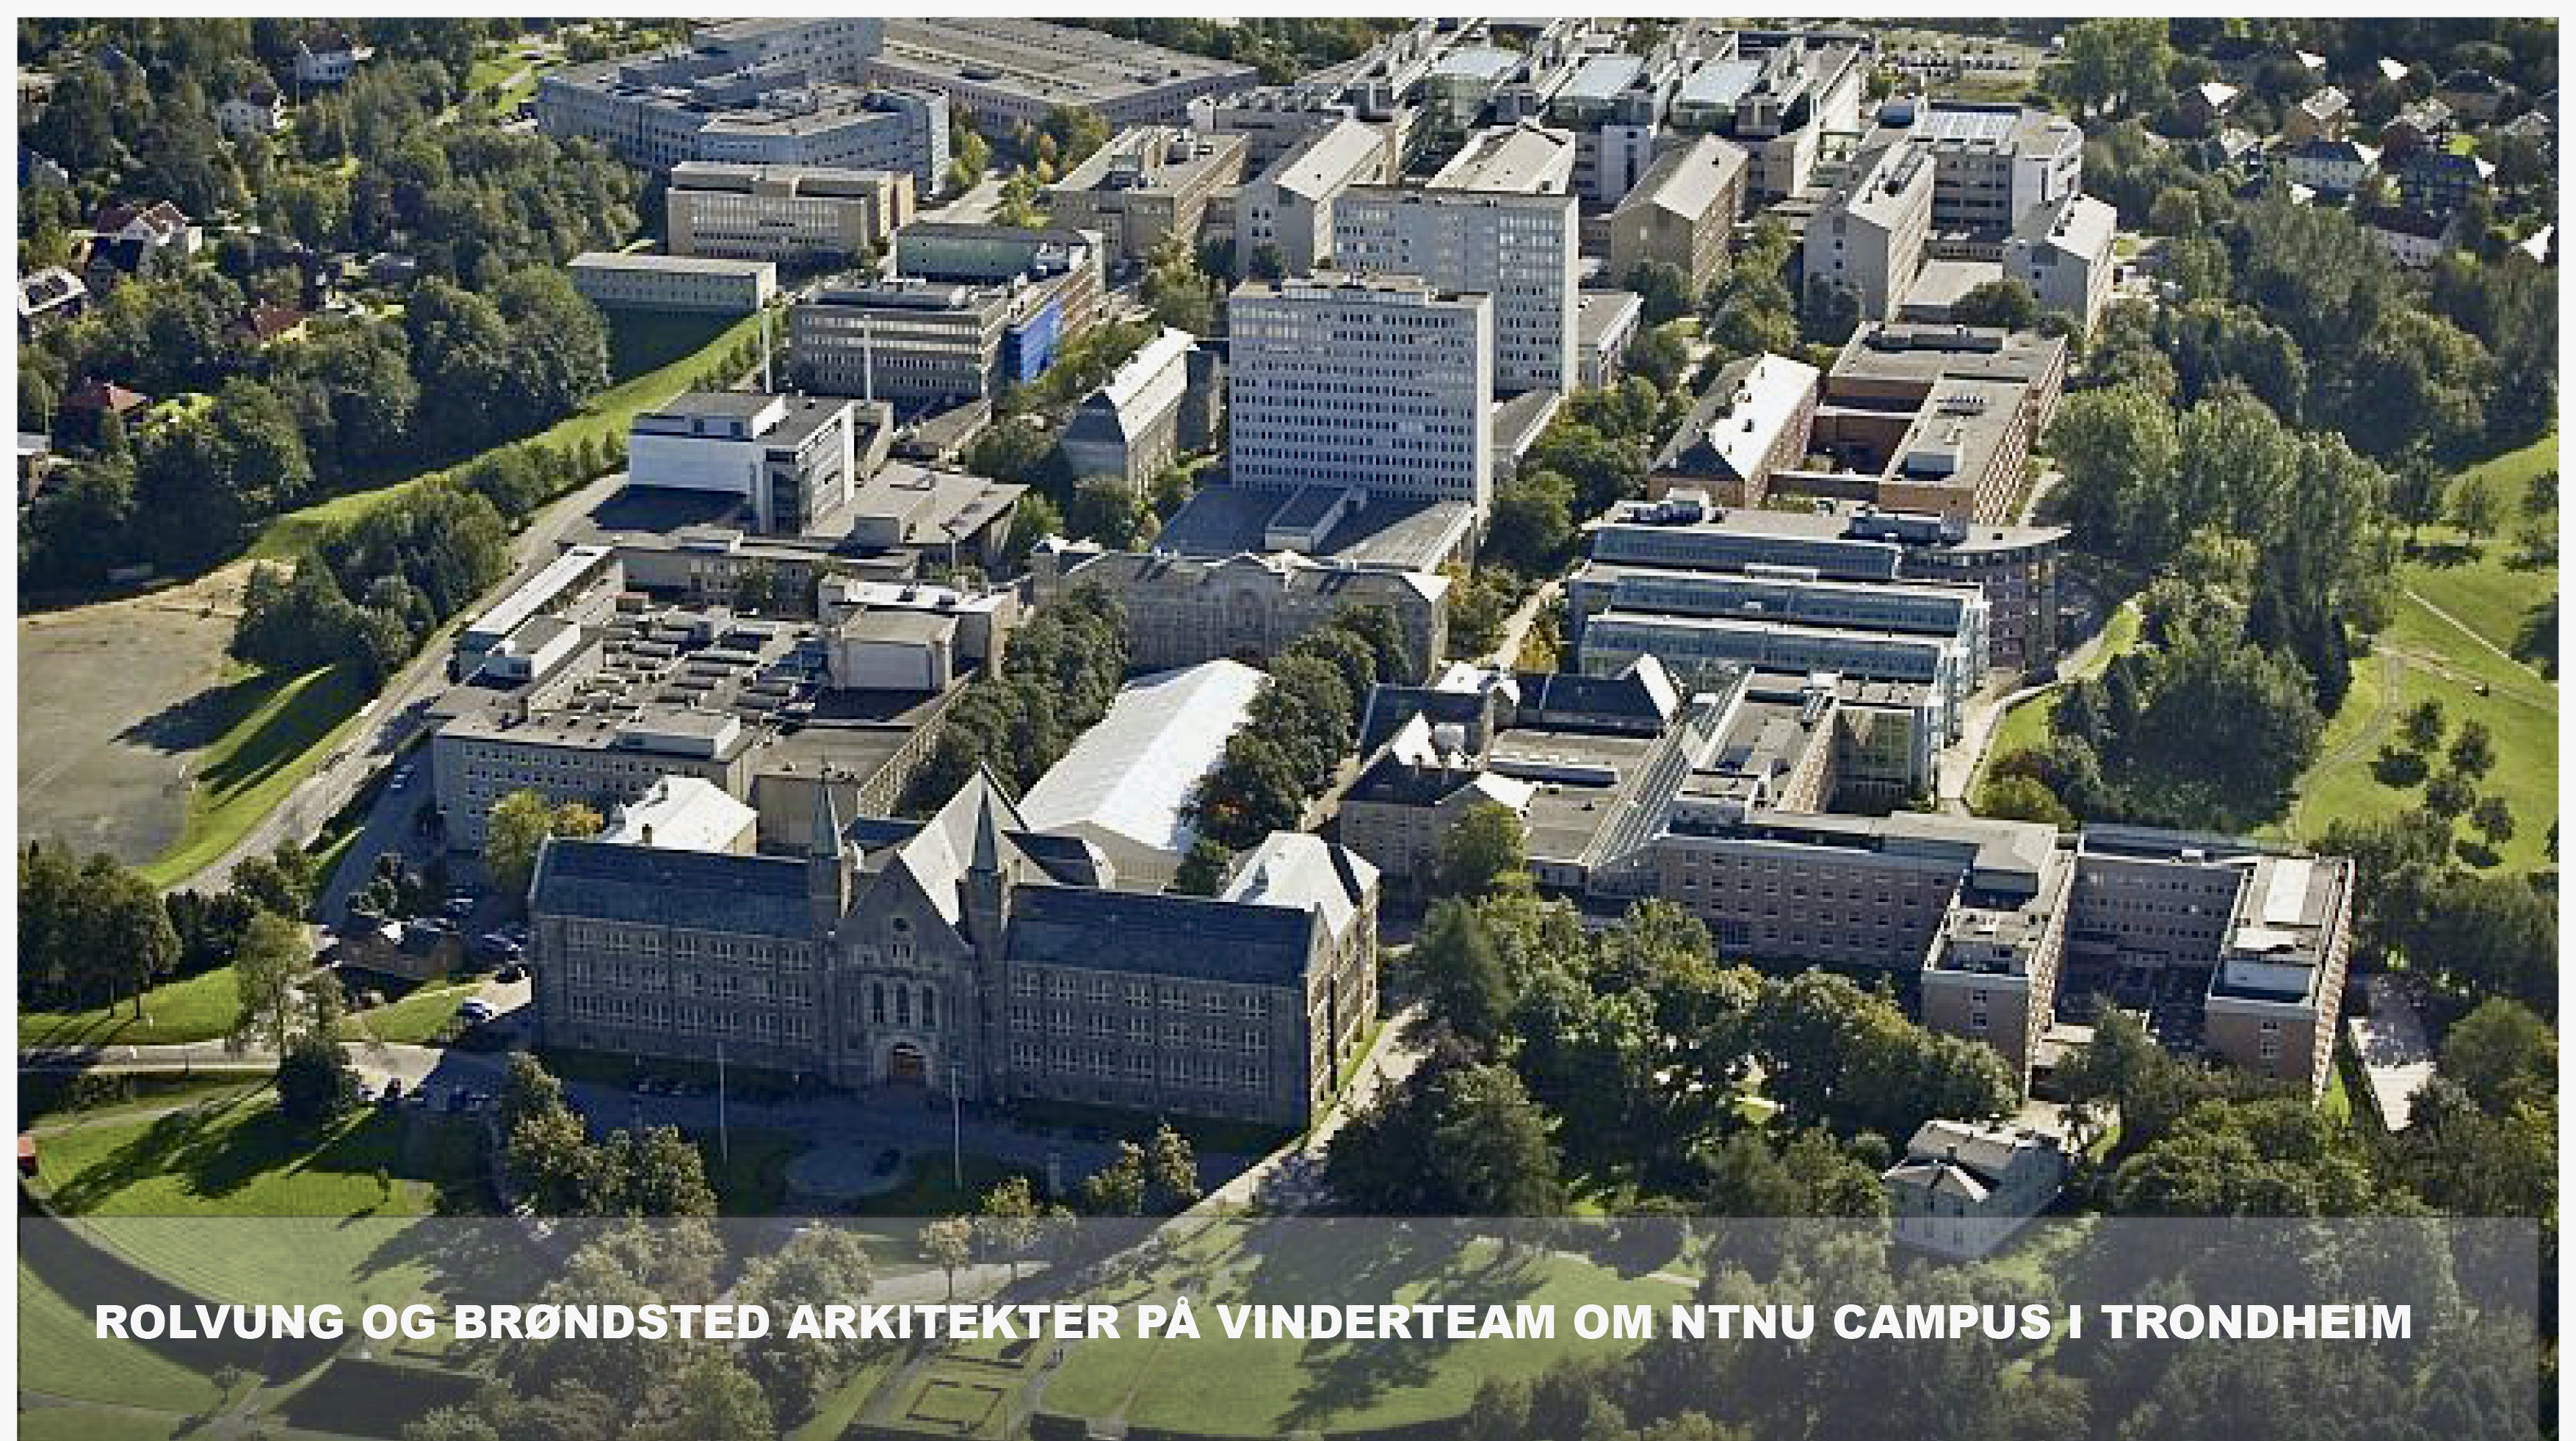 Rolvung og Brøndsted Arkitekter